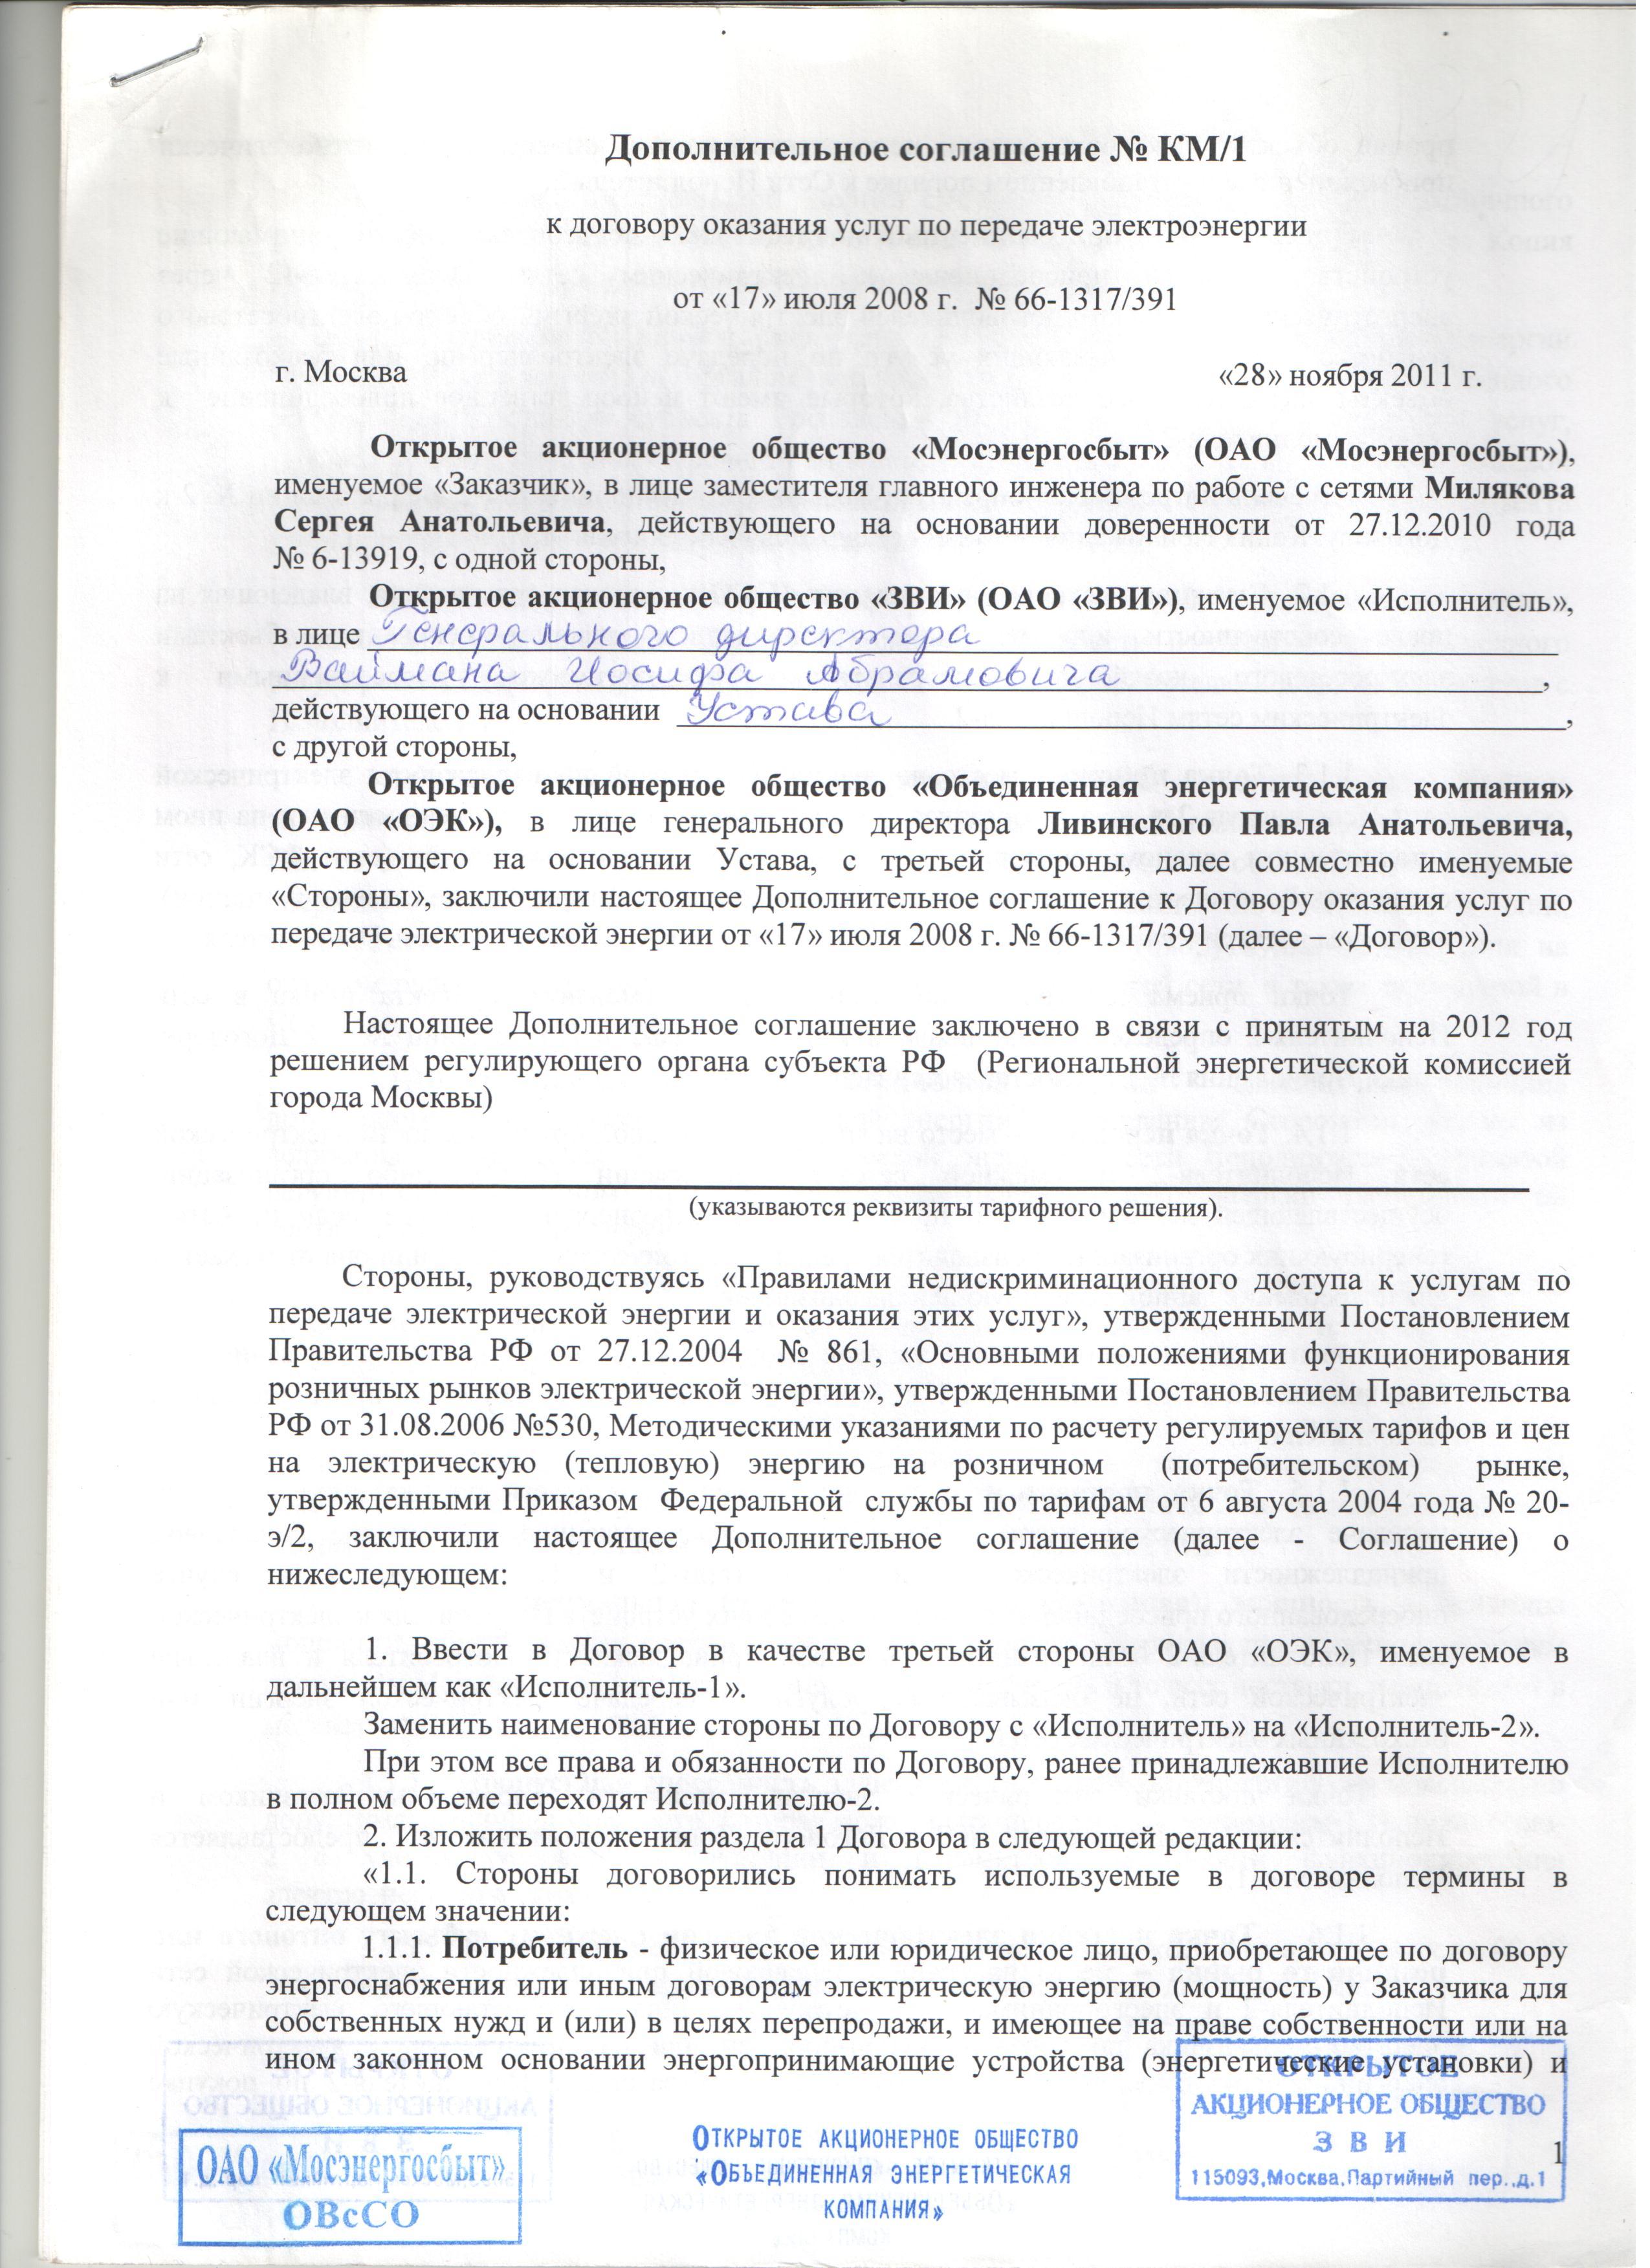 В случае, если протокол содержит более одной страницы, то их нужно прошить и на каждой поставить подпись